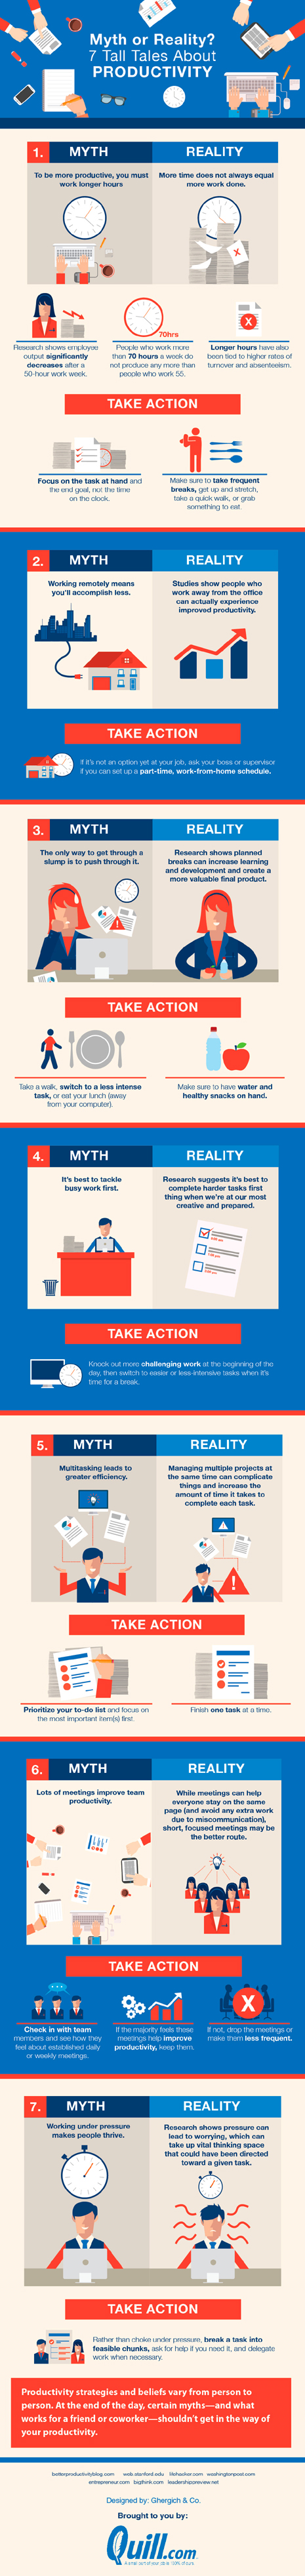 7 mitos productividad 2